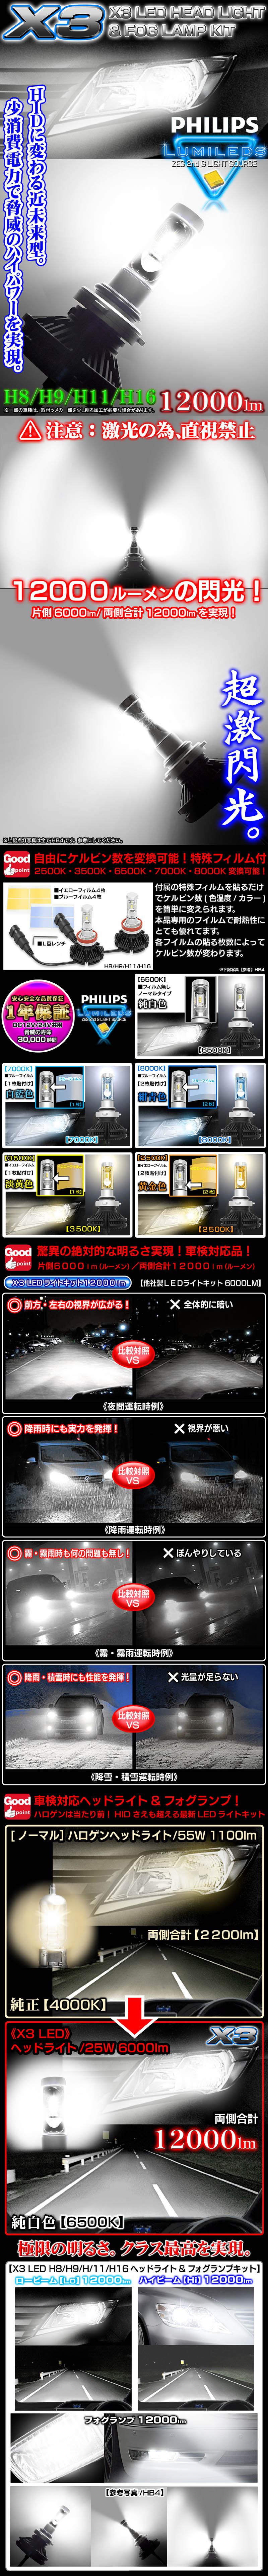 《車検対応 》【H8/H9/H11/H16共用】X3 12000LMフィリップス製LEDヘッドライト&フォグランプキット50W/6500K 2個セット/1年保証